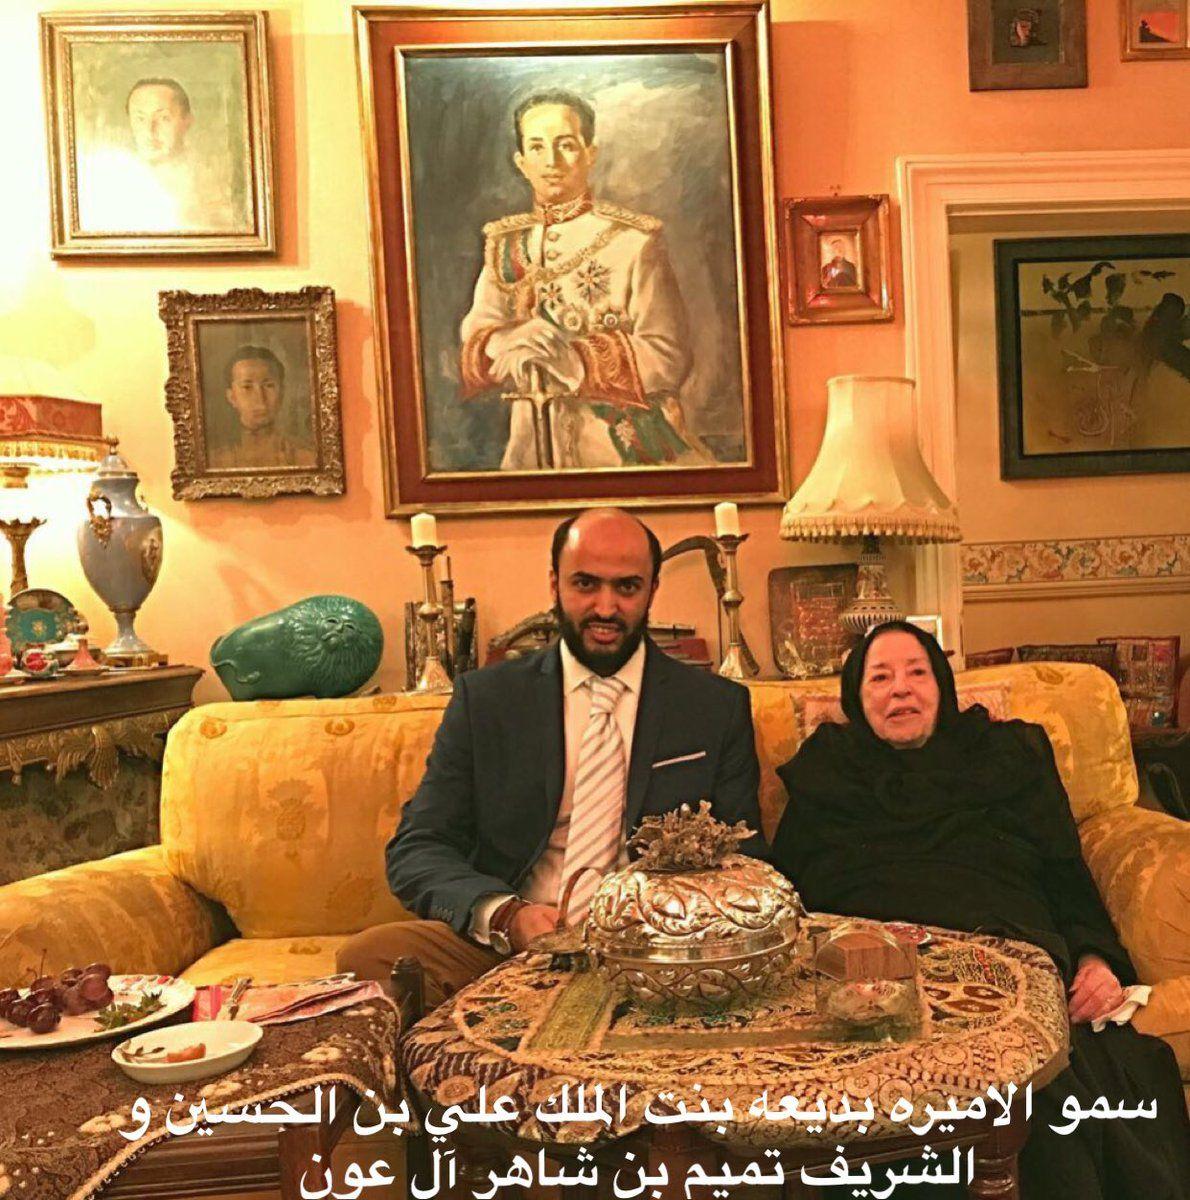 اشراف ال عون الشريقة بديعة بنت الملك علي بن الحسين Baghdad Baghdad Iraq Iraq